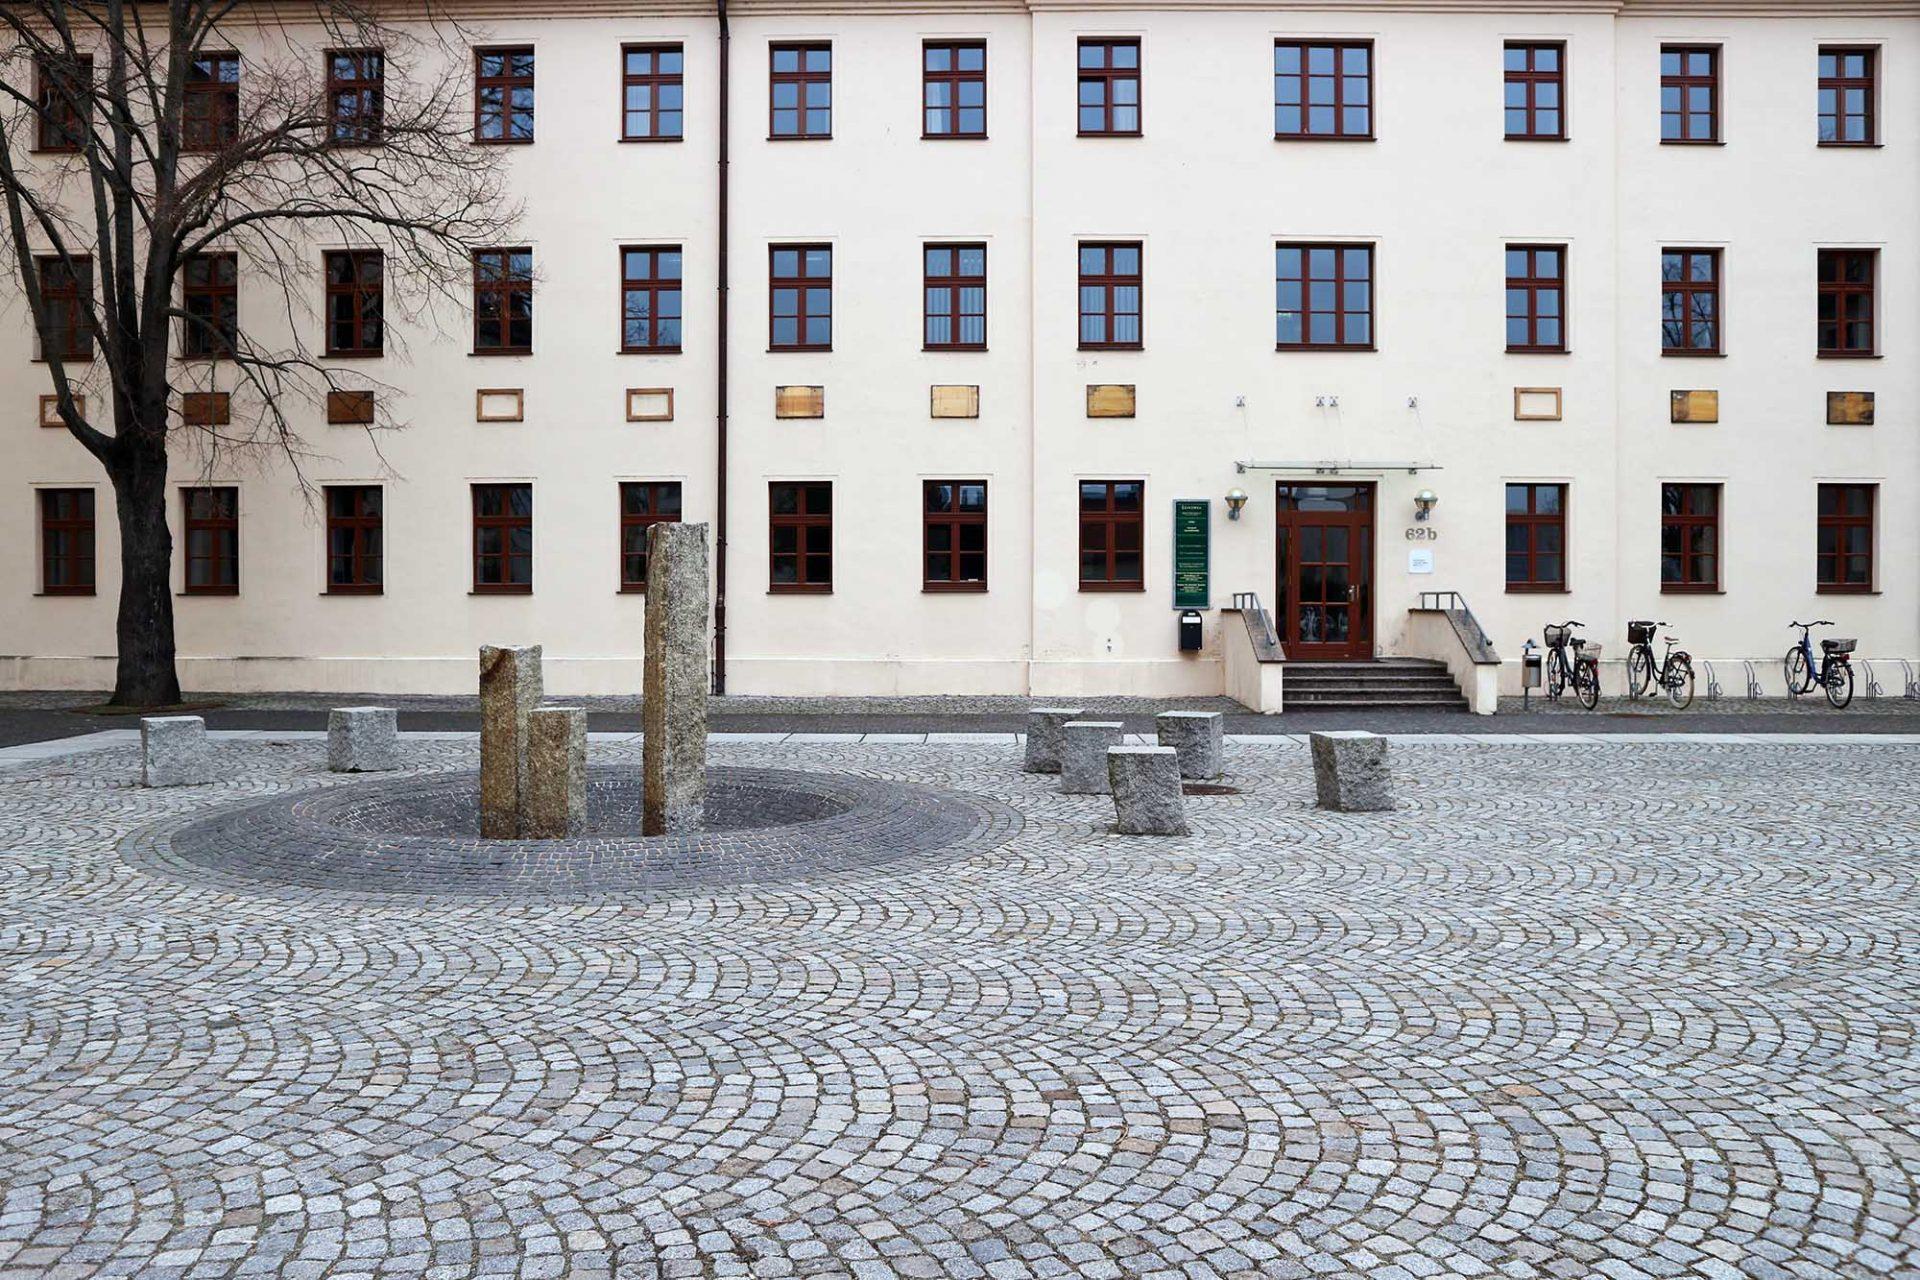 Leucorea. Die Wittenberger Universität war einst eine der bedeutendsten Bildungseinrichtungen Europas für Theologen, Juristen, Mediziner und Staatsbeamte. Sie wurde 1502 von Friedrich dem Weisen gegründet. Hier lehrten die Reformatoren Martin Luther und Philipp Melanchthon. 1817 wurde sie mit der Universität Halle zusammengeführt und der Wittenberger Standort geschlossen. Aus der renommierten Universitätsstadt wurde eine Garnisonsstadt. Erst 1994 wurde sie schließlich als Stiftung Leucorea mit einer Vielzahl renommierter wissenschaftlicher Forschungseinrichtungen wiedereröffnet.